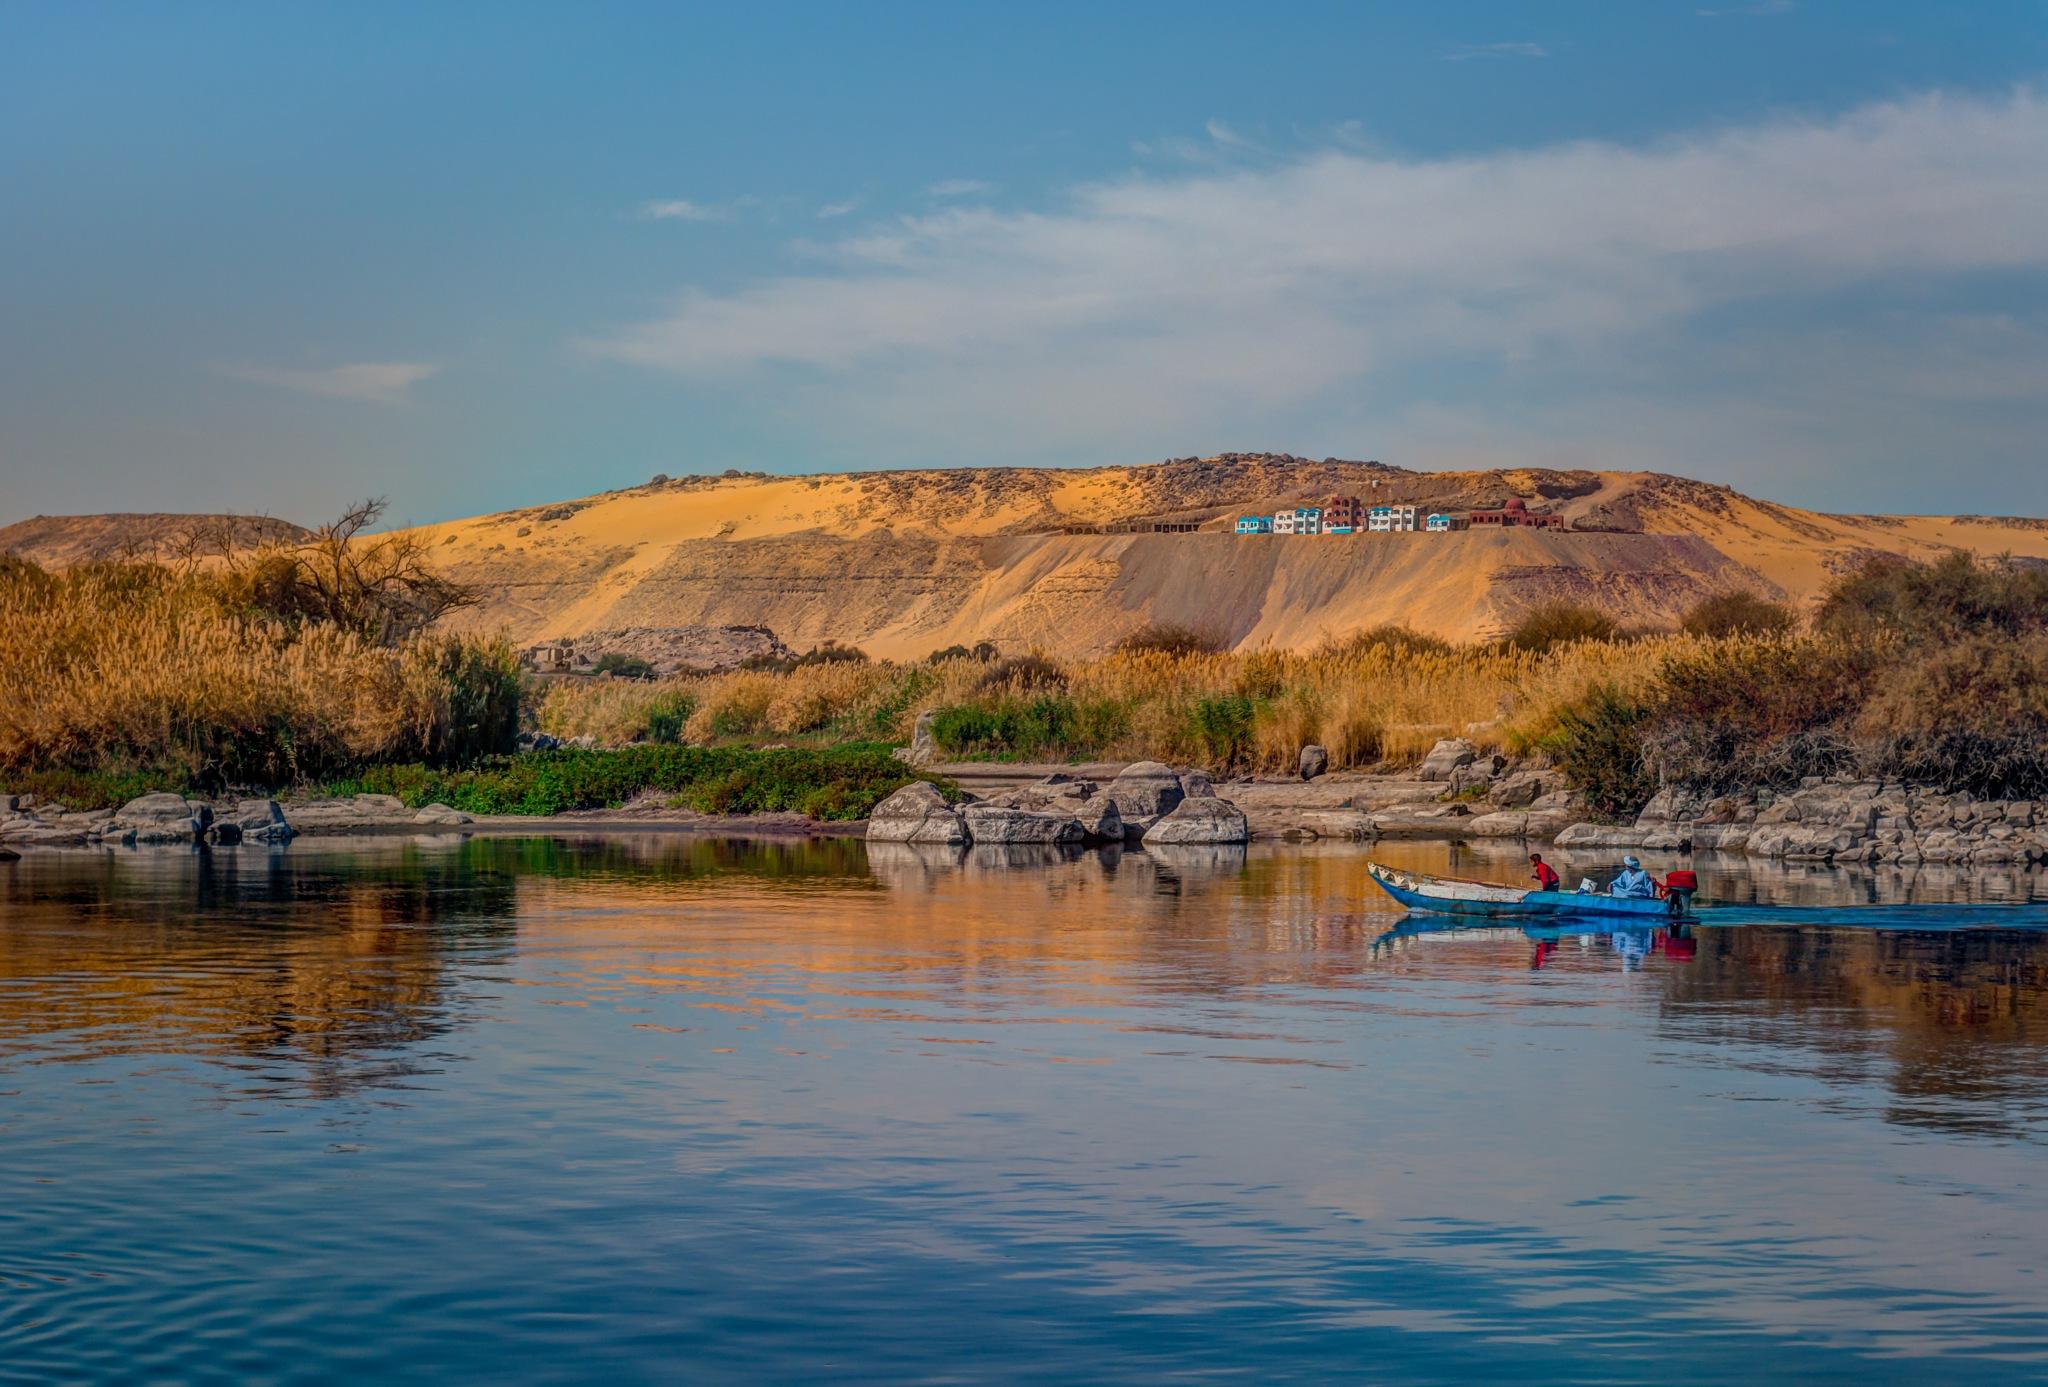 Landscape in Aswan  by Haytham Alhefnawy